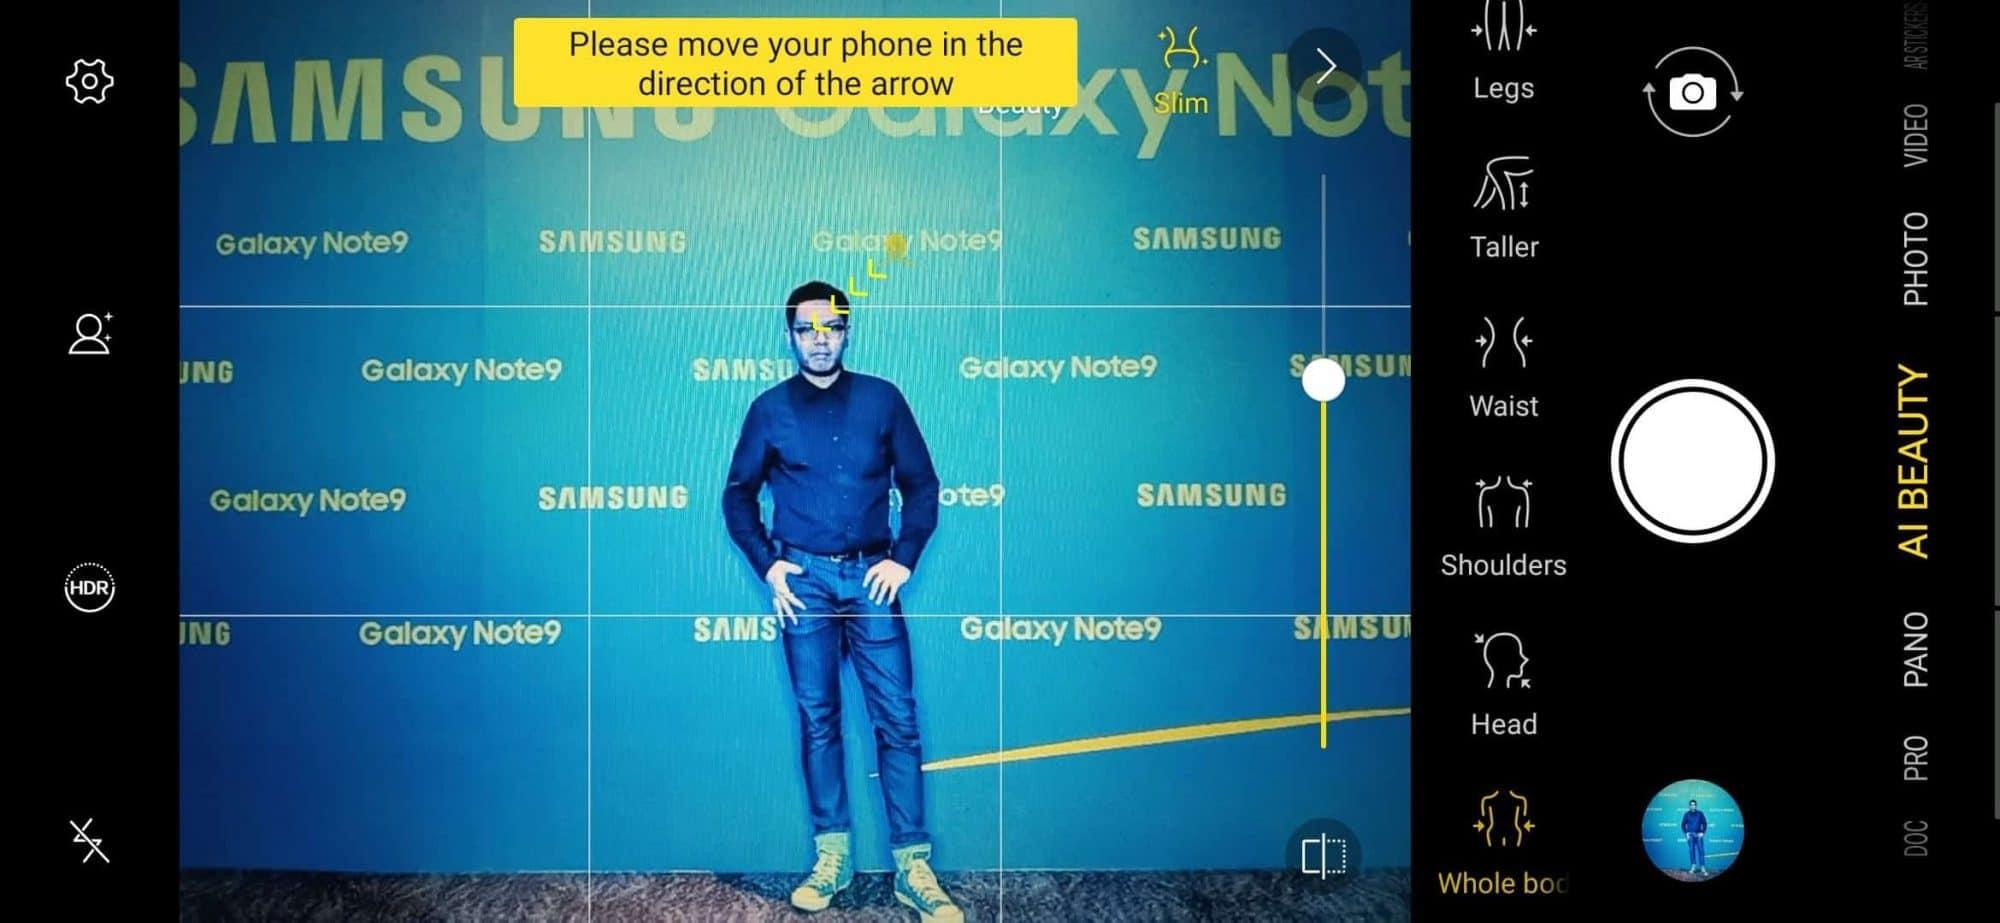 - รีวิว Vivo V15 สมาร์ทโฟนราคาหมื่นต้นสุดคุ้มค่า หน้าจอไร้ขอบเต็มตา พร้อมกล้องหน้าป๊อปอัพ